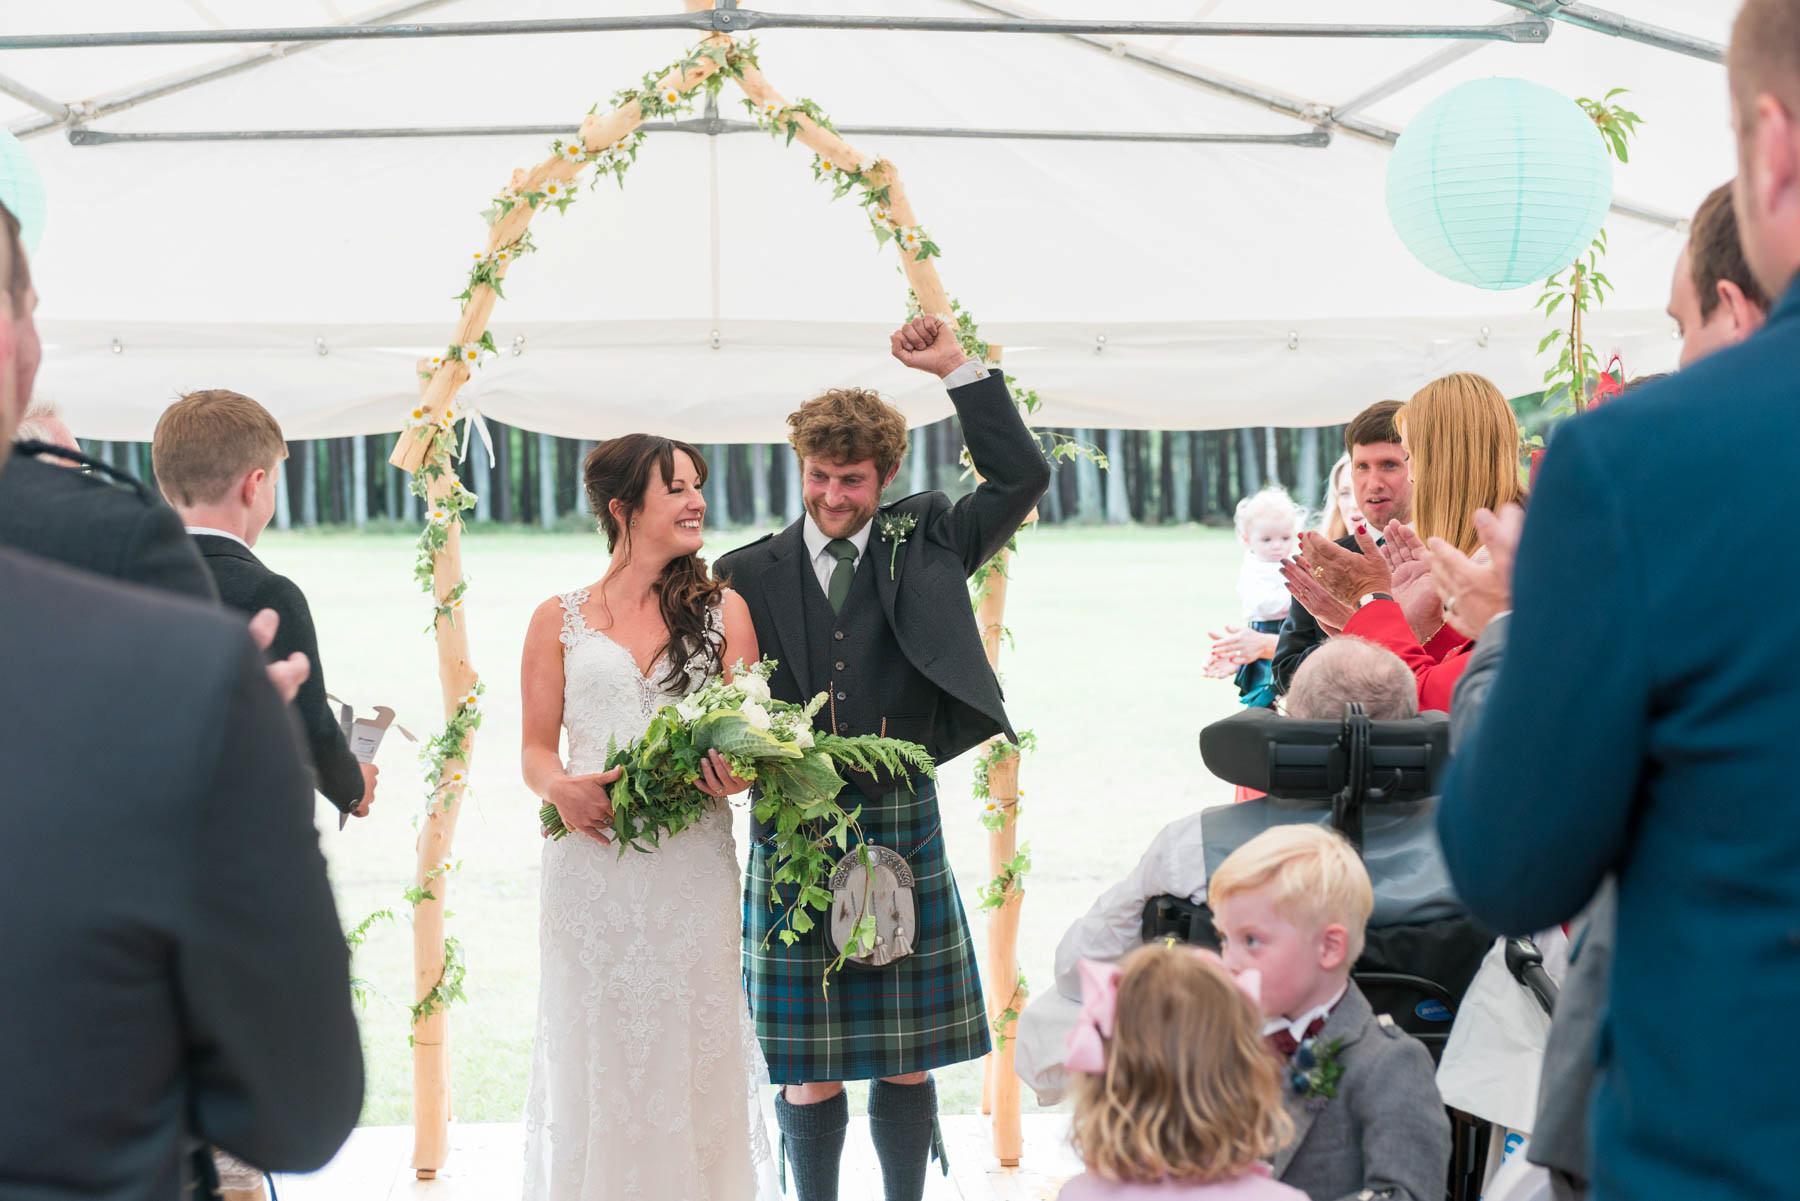 TFArden_wedding_053.jpg